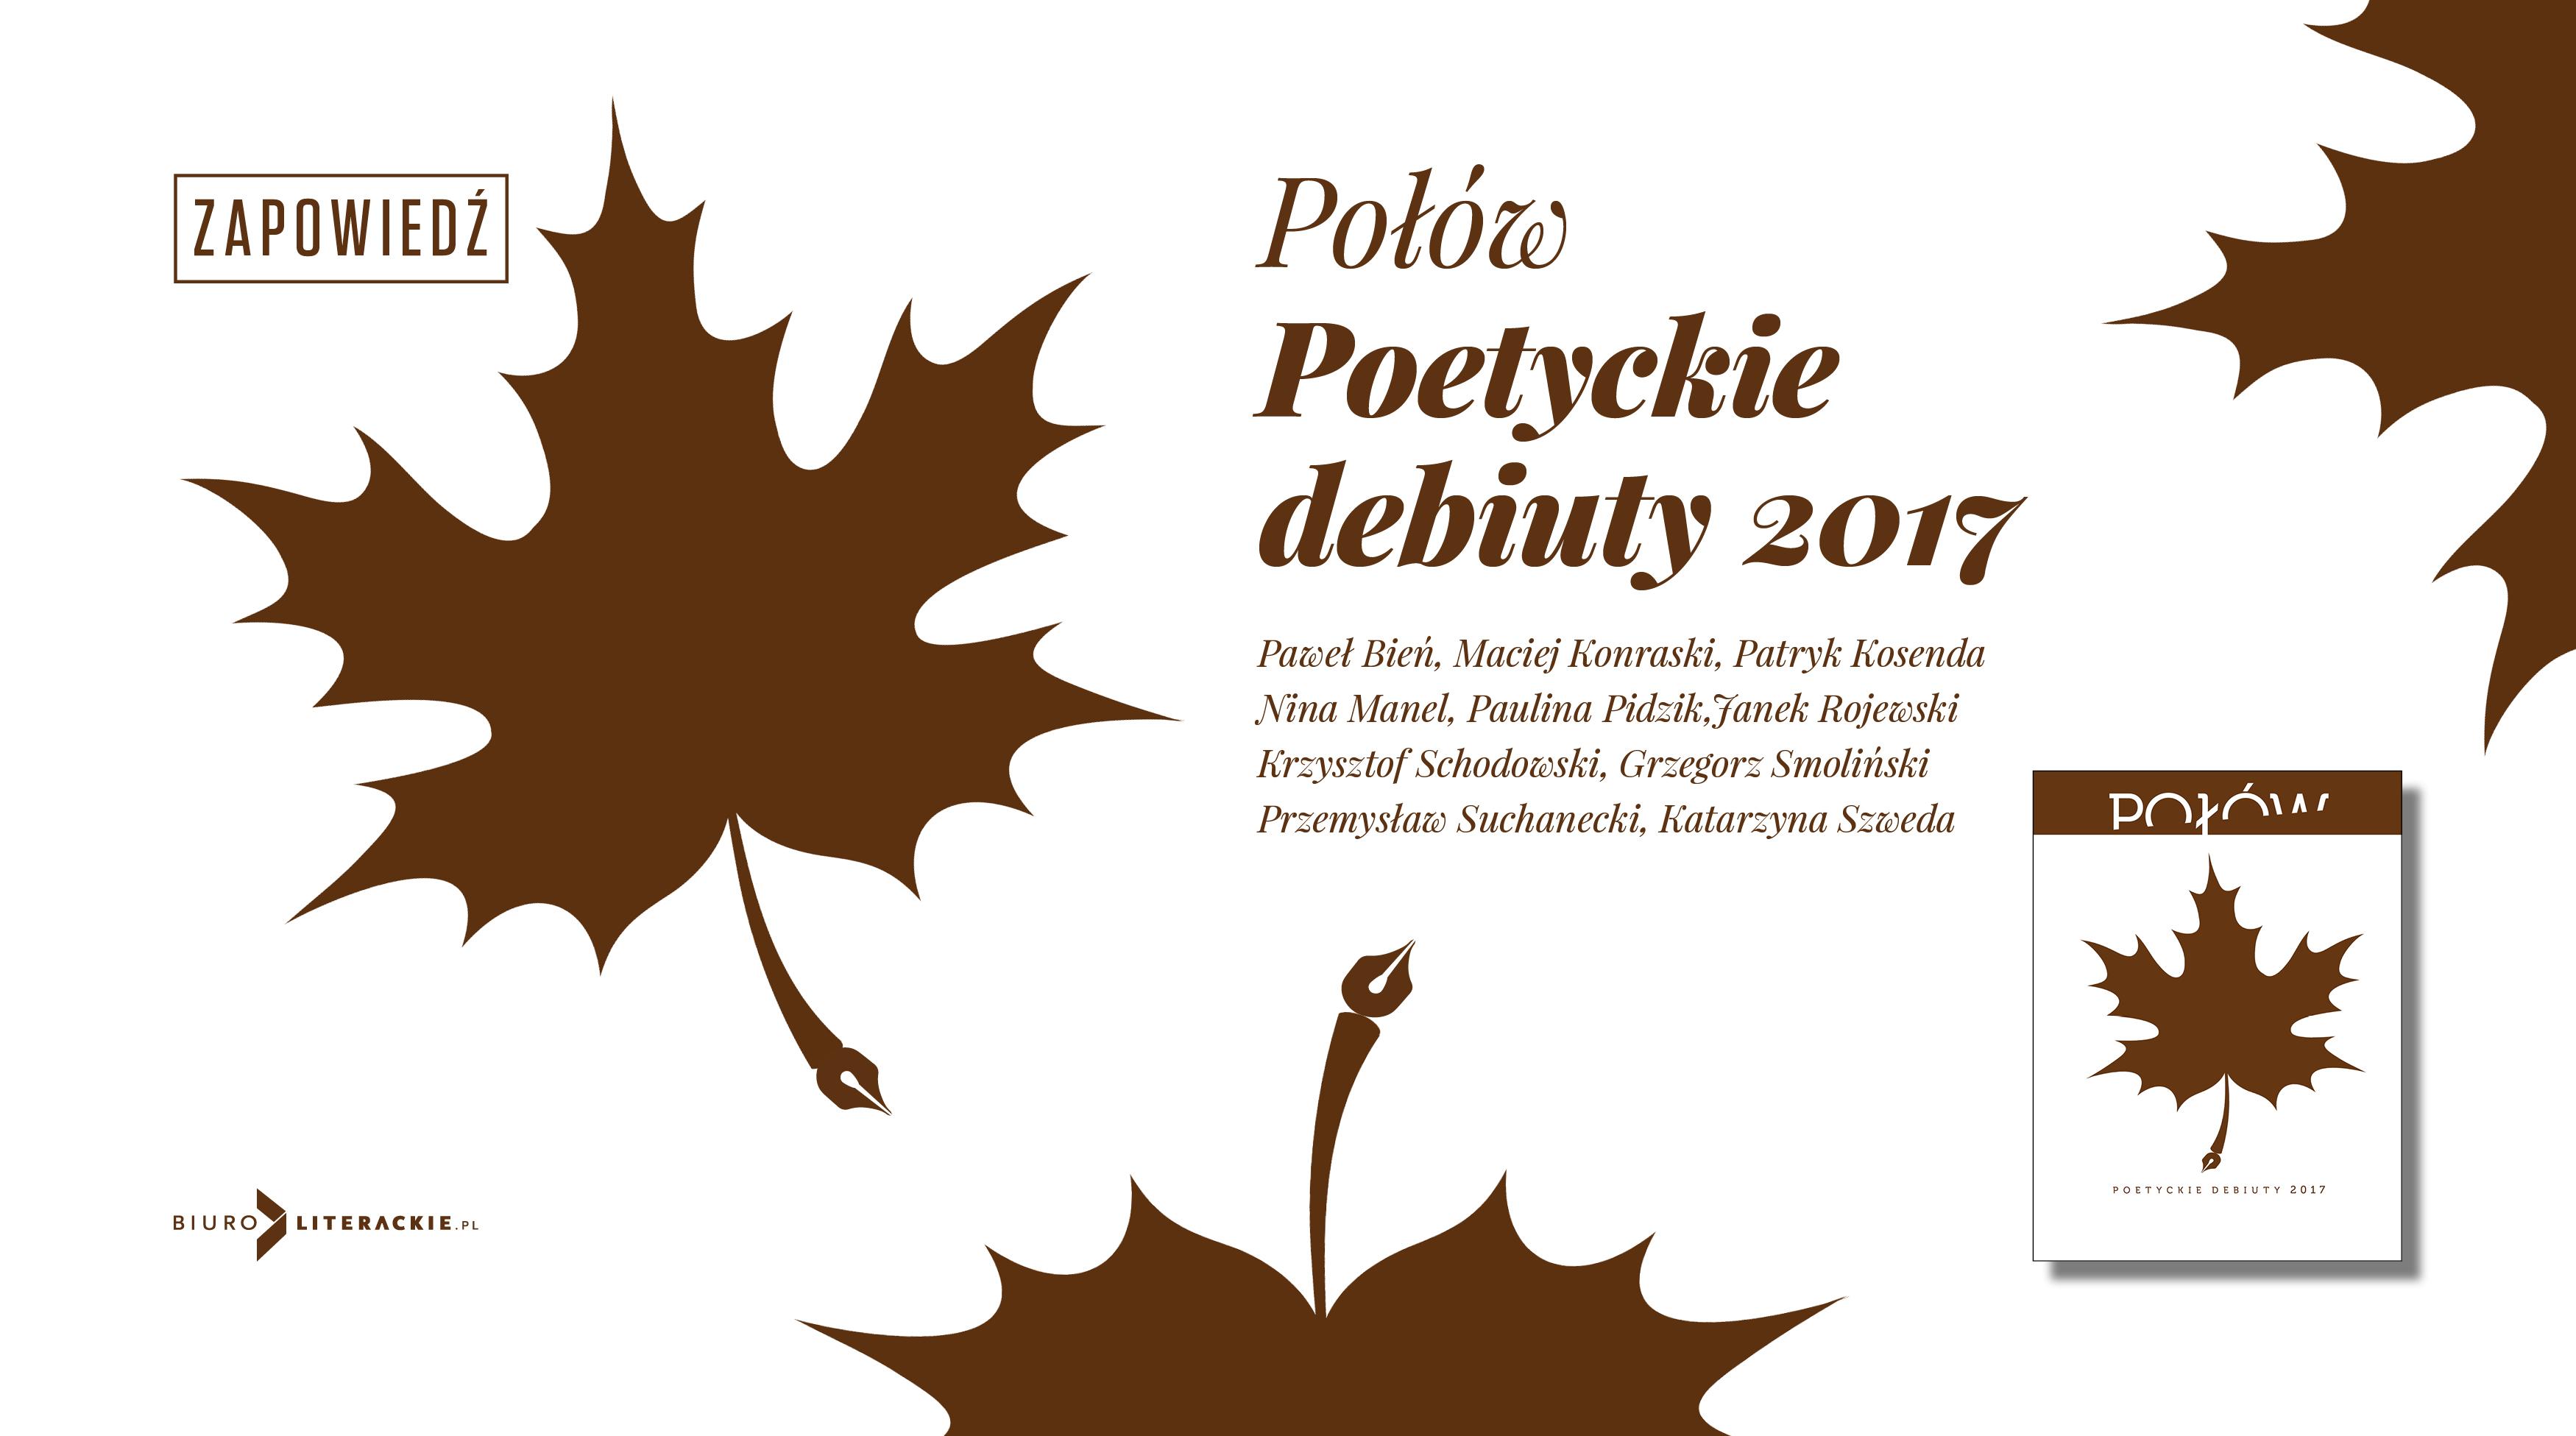 BL Img 2018.01.31 Poetyckie debiuty 2017 w almanachu Biura Literackiego__www_top